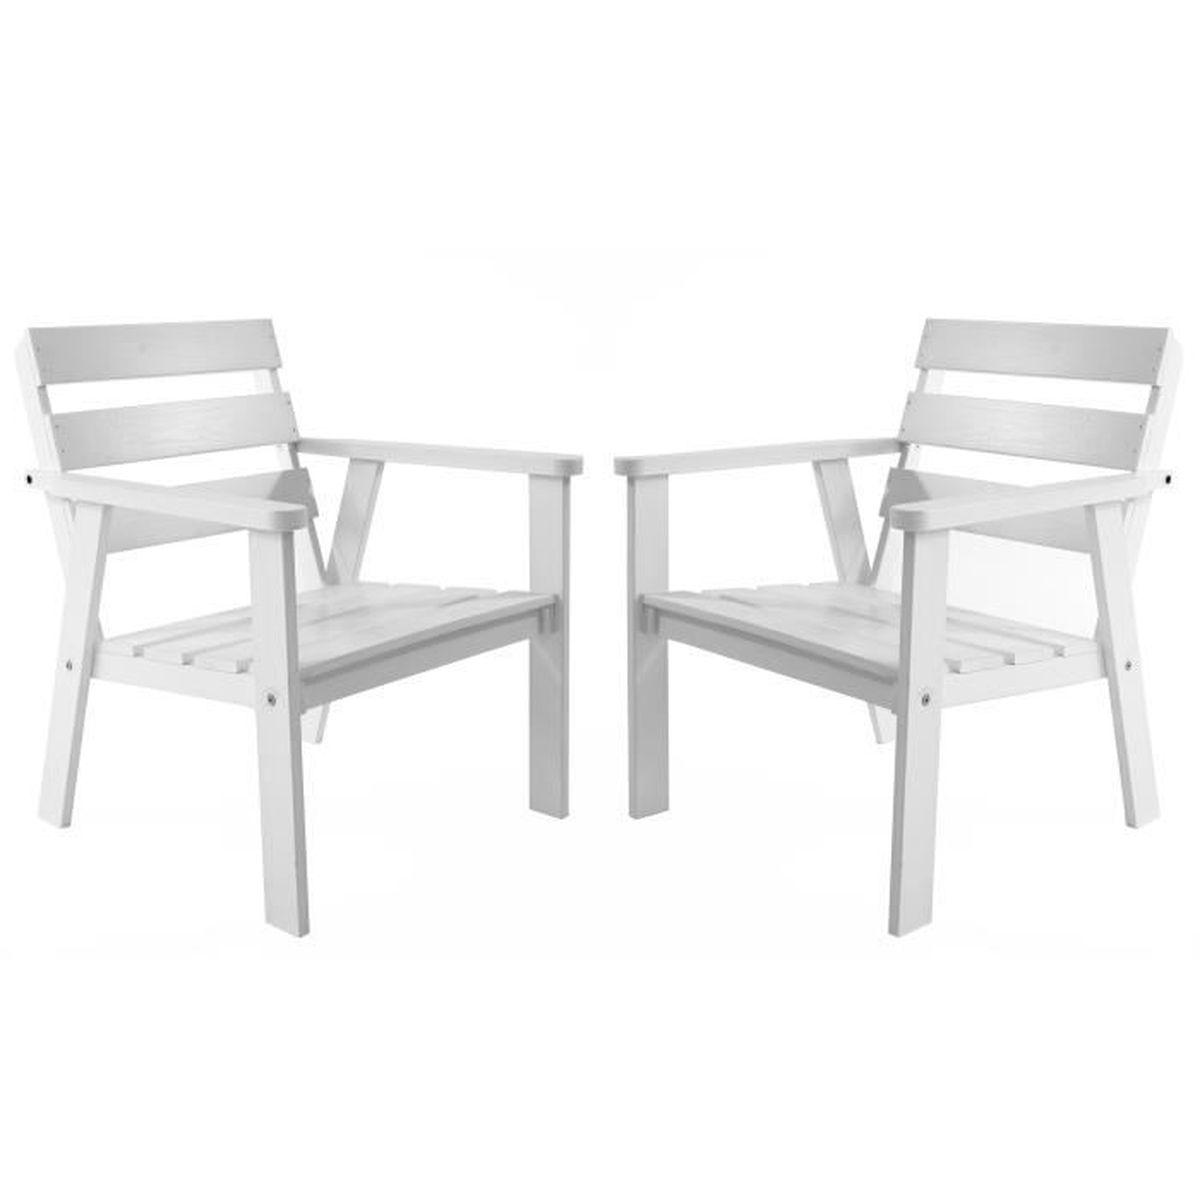 lot de 2 chaises de jardin ou terrasse hanko bois pin massif ton blanc achat vente. Black Bedroom Furniture Sets. Home Design Ideas